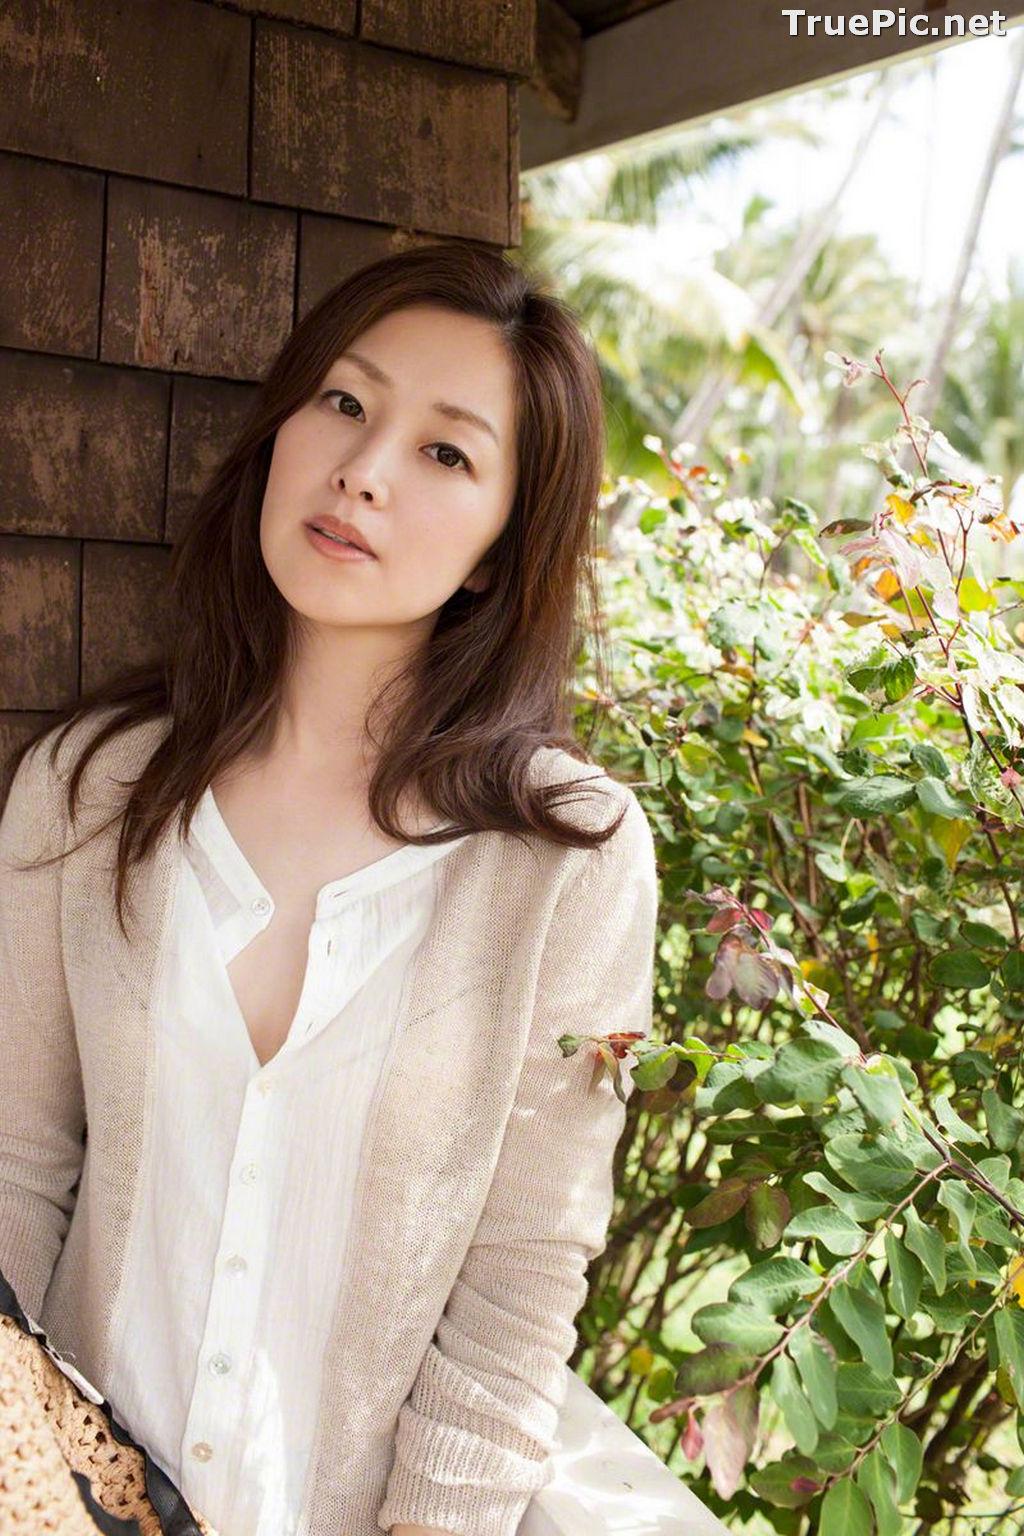 Image Wanibooks No.138 – Japanese Actress and Model – Yuko Fueki - TruePic.net - Picture-8